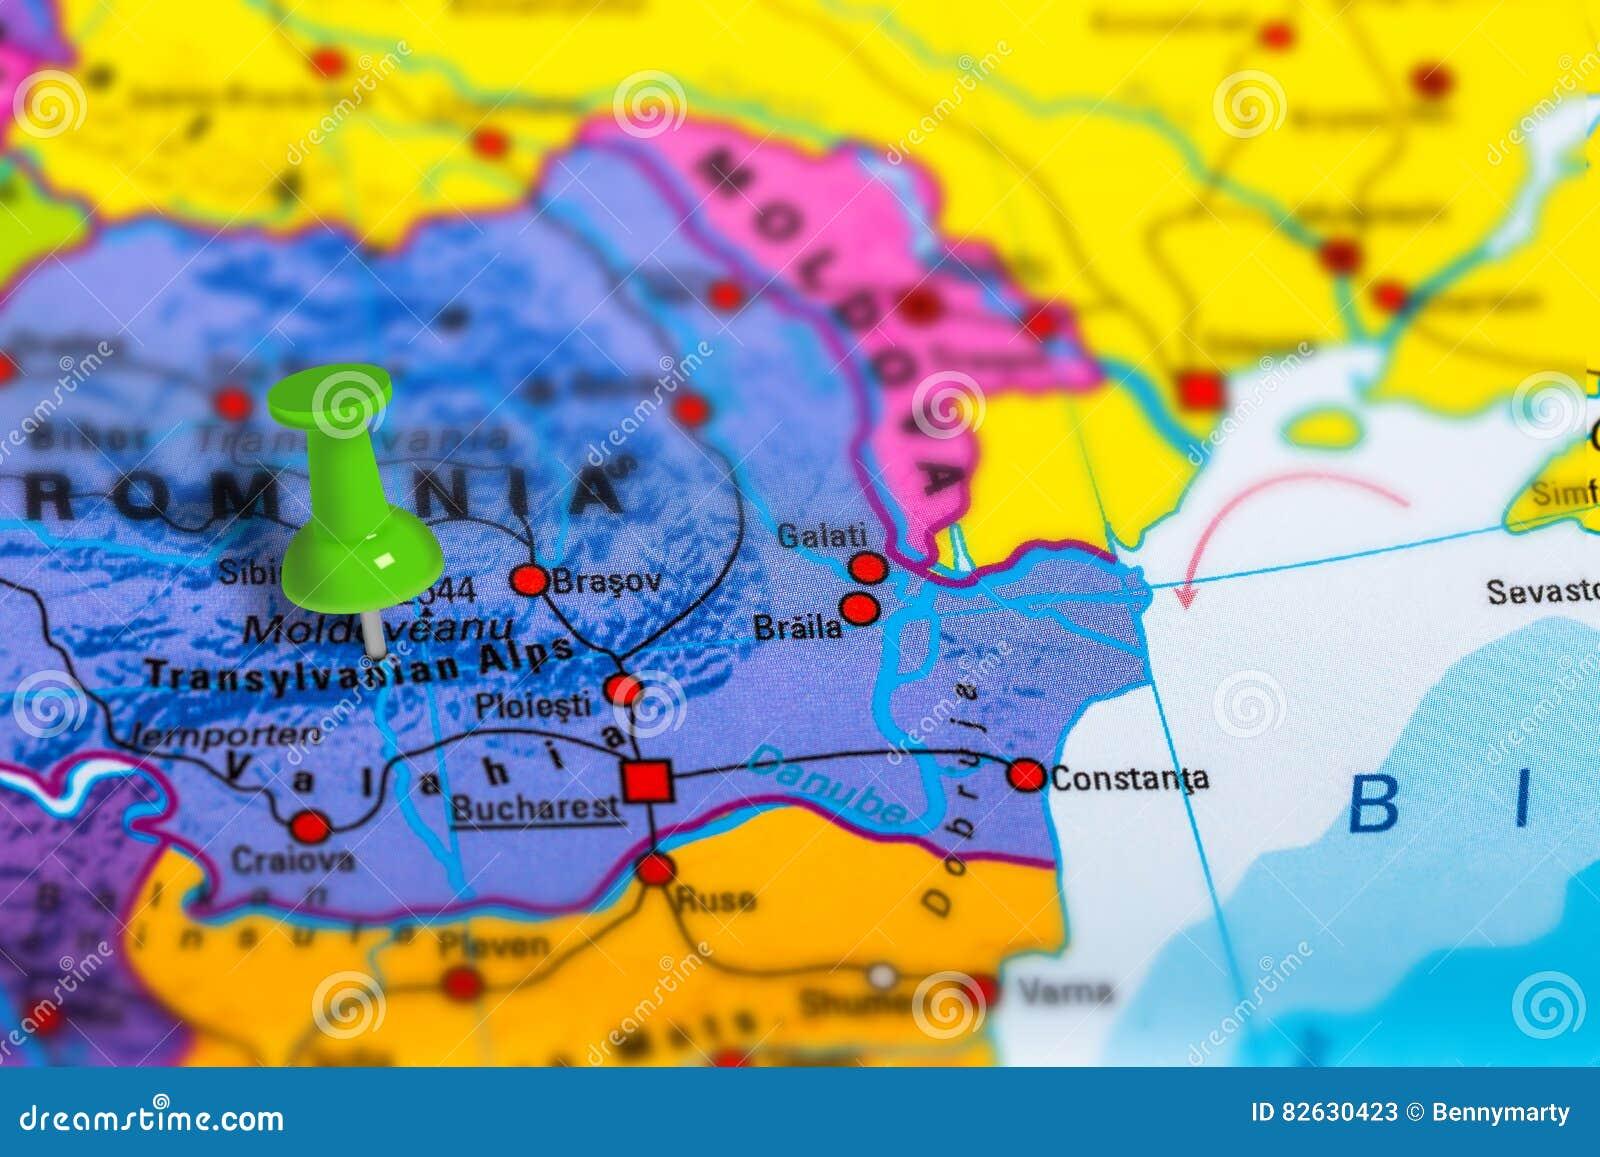 Cartina Romania Transilvania.Mappa Della Transilvania Romania Immagine Stock Immagine Di Posizione Indicatore 82630423